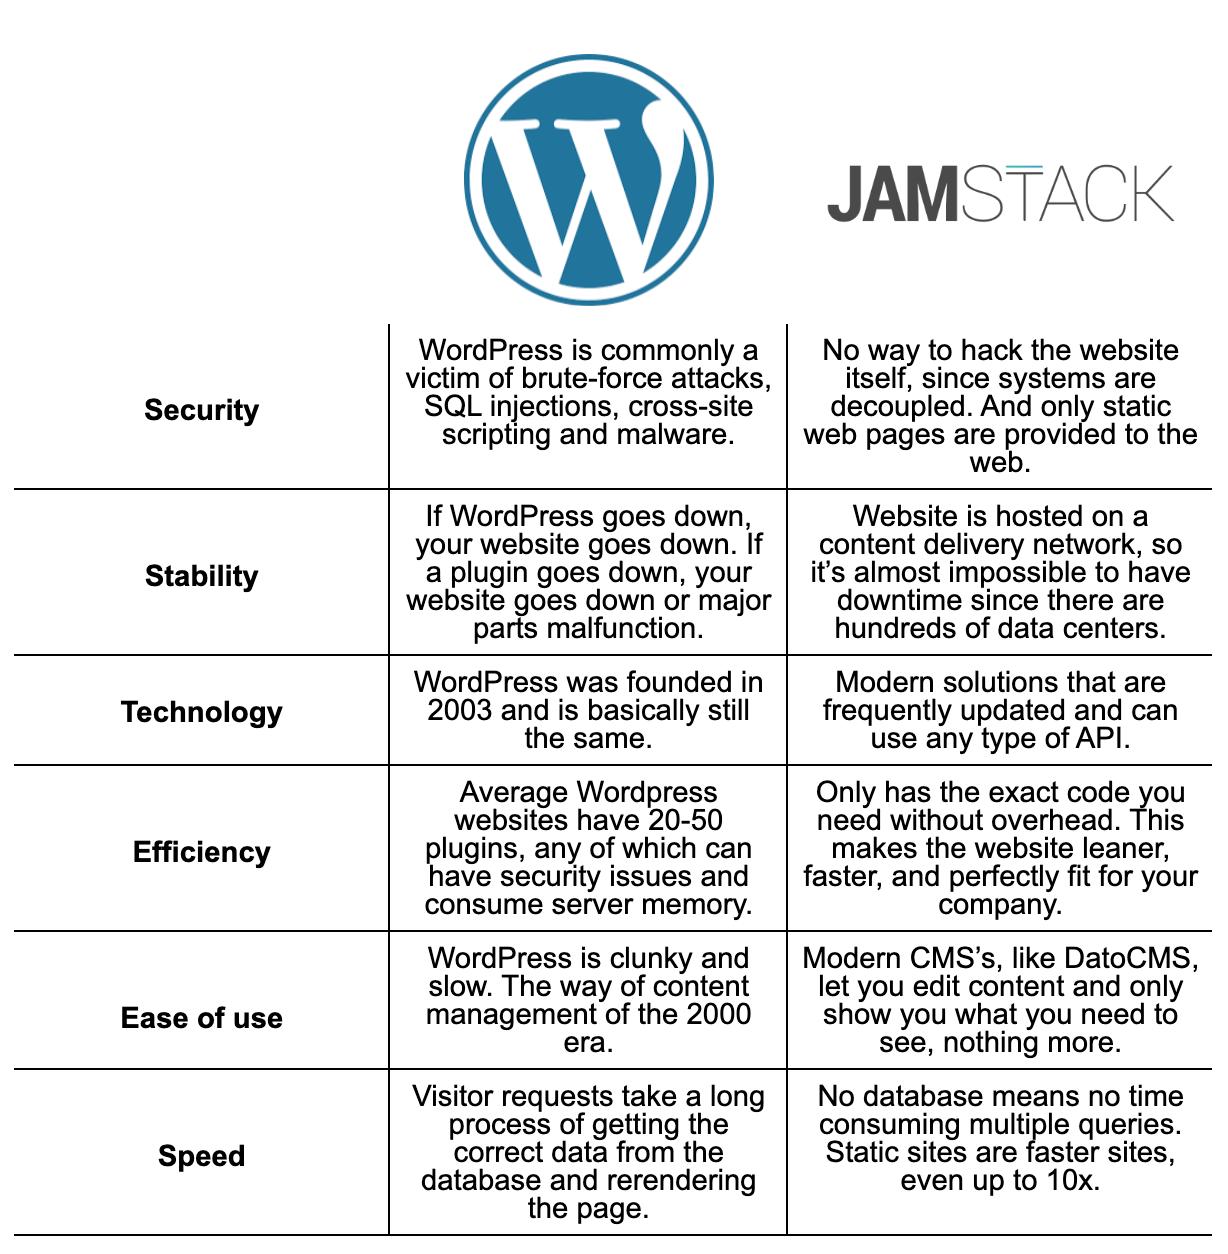 JAMstack versus WordPress